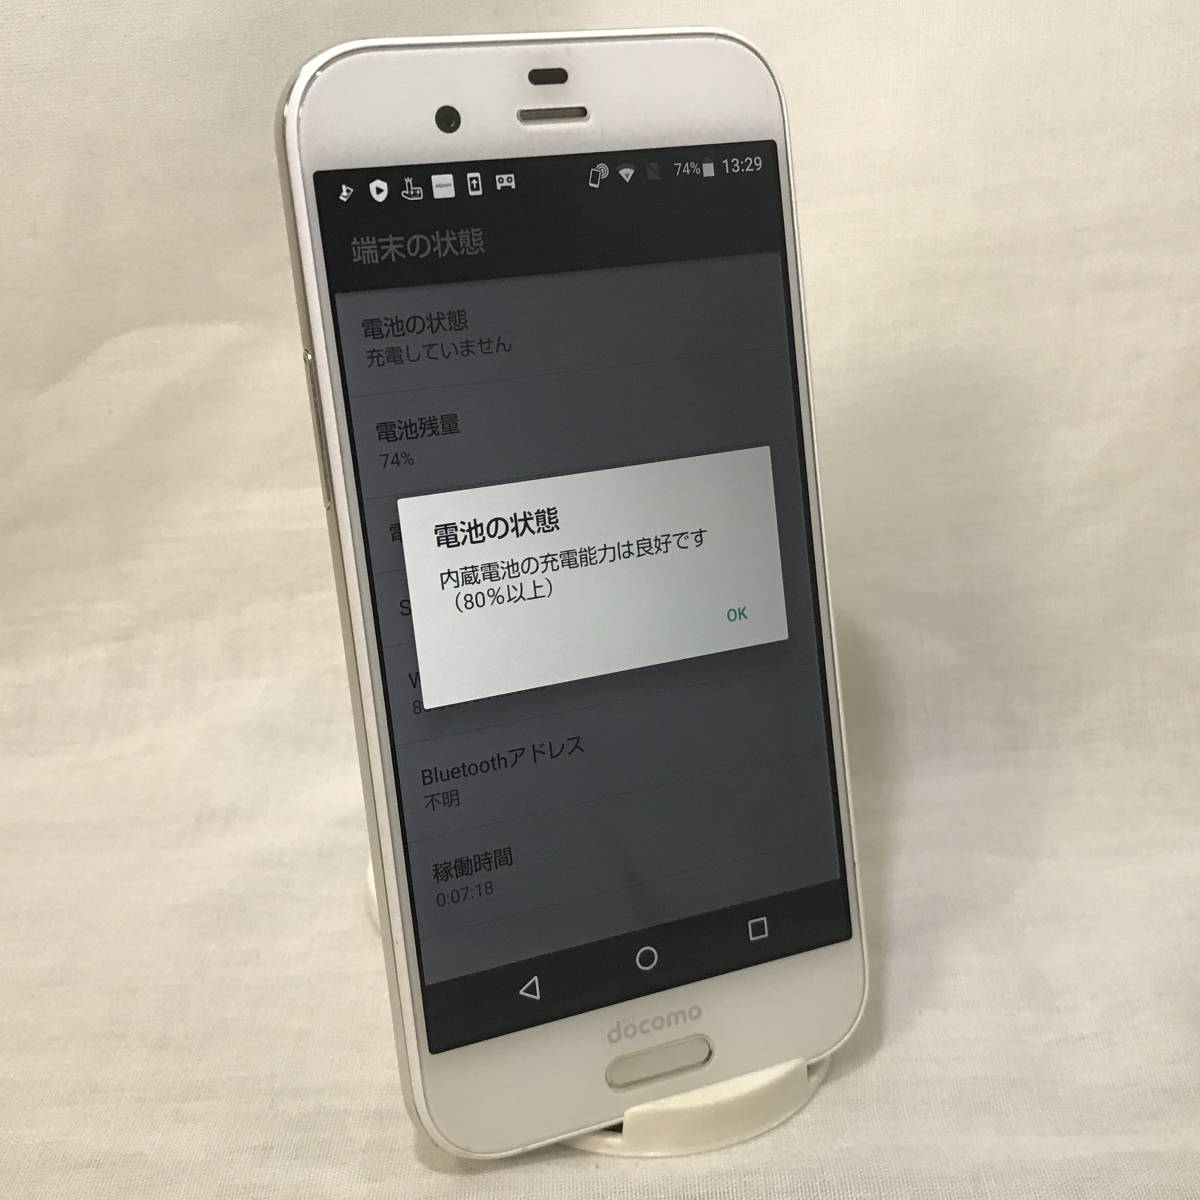 美品 SIMロック解除済み★docomo AQUOS R SH-03J(SHV39と604SH同型機種) ジルコニアホワイト 利用制限〇 SIMフリー 送料無料 /YZX2618_画像3